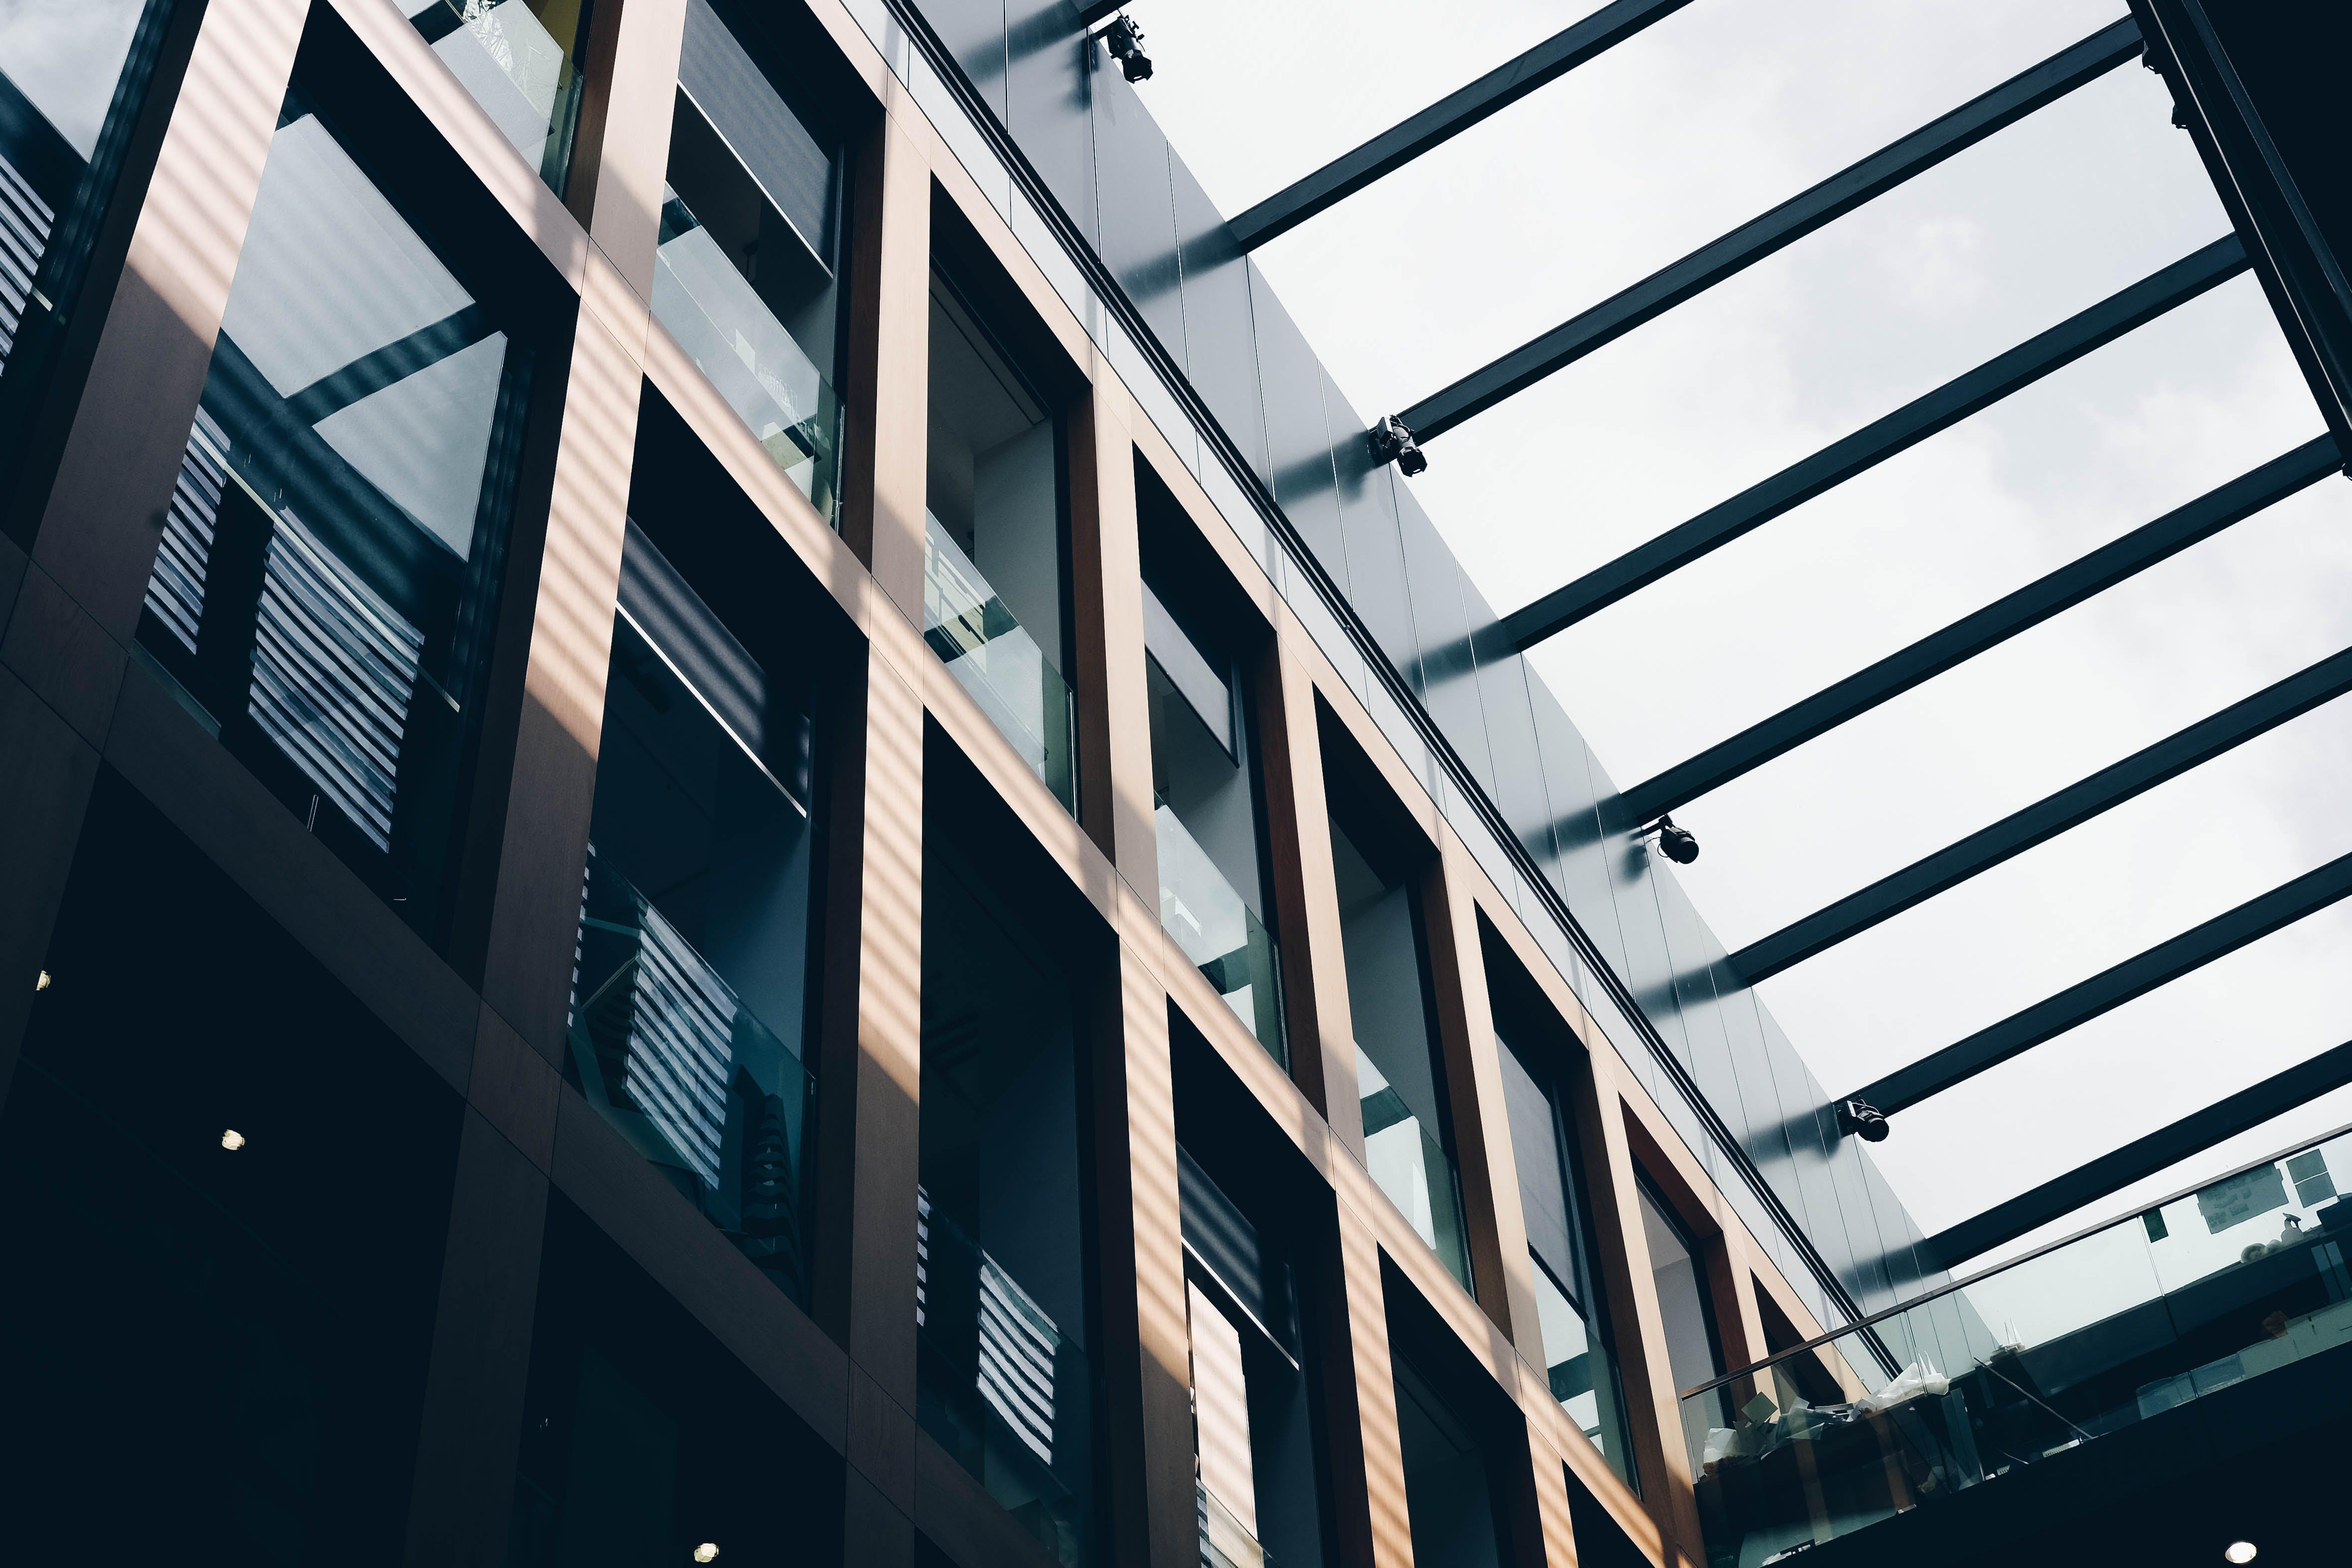 Foto d'estoc gratuïta de arquitectura, articles de vidre, disseny d'arquitectura, finestres de vidre